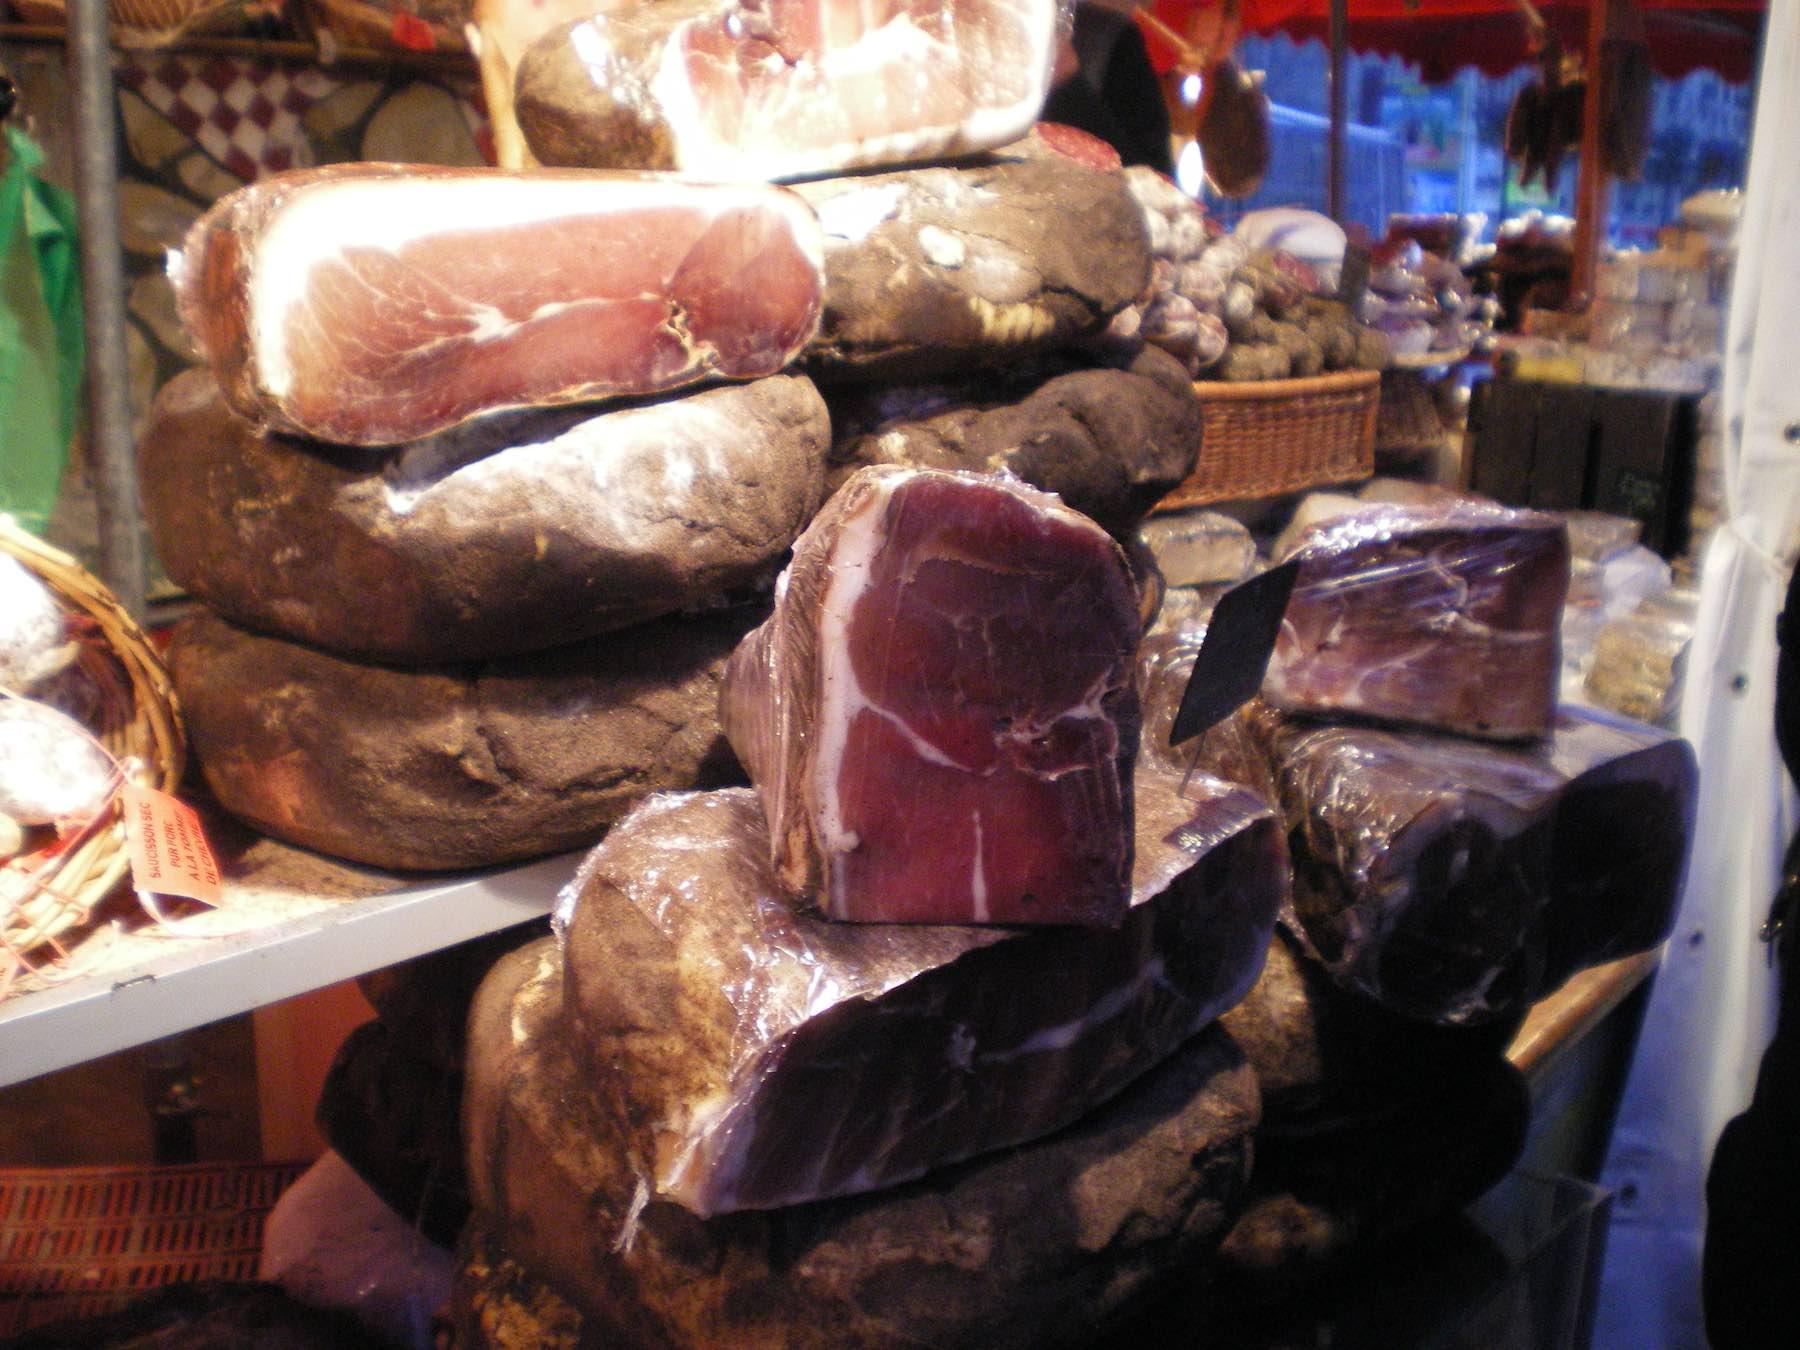 Parma ham at a Market in Paris